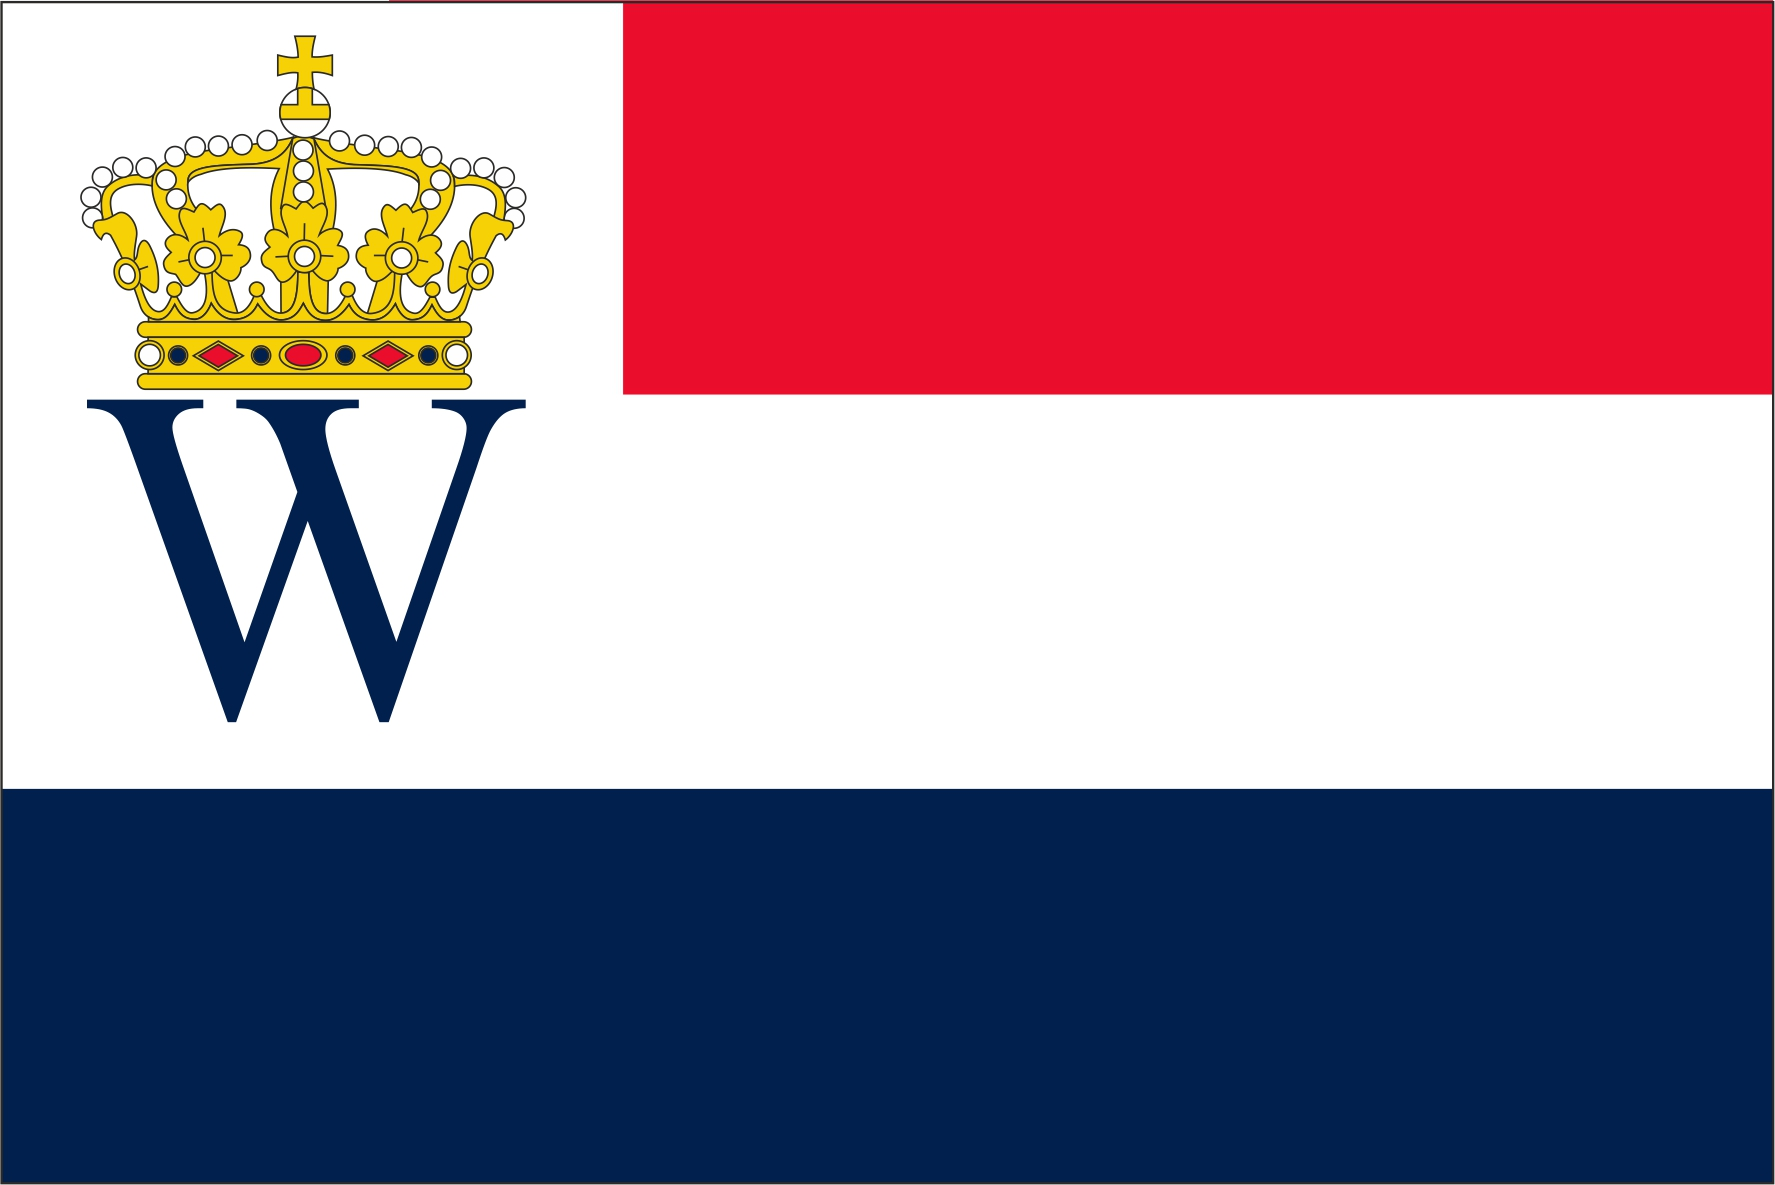 200 jaar Koninkrijk der Nederlanden vlag 50x75cm Oud Blauw